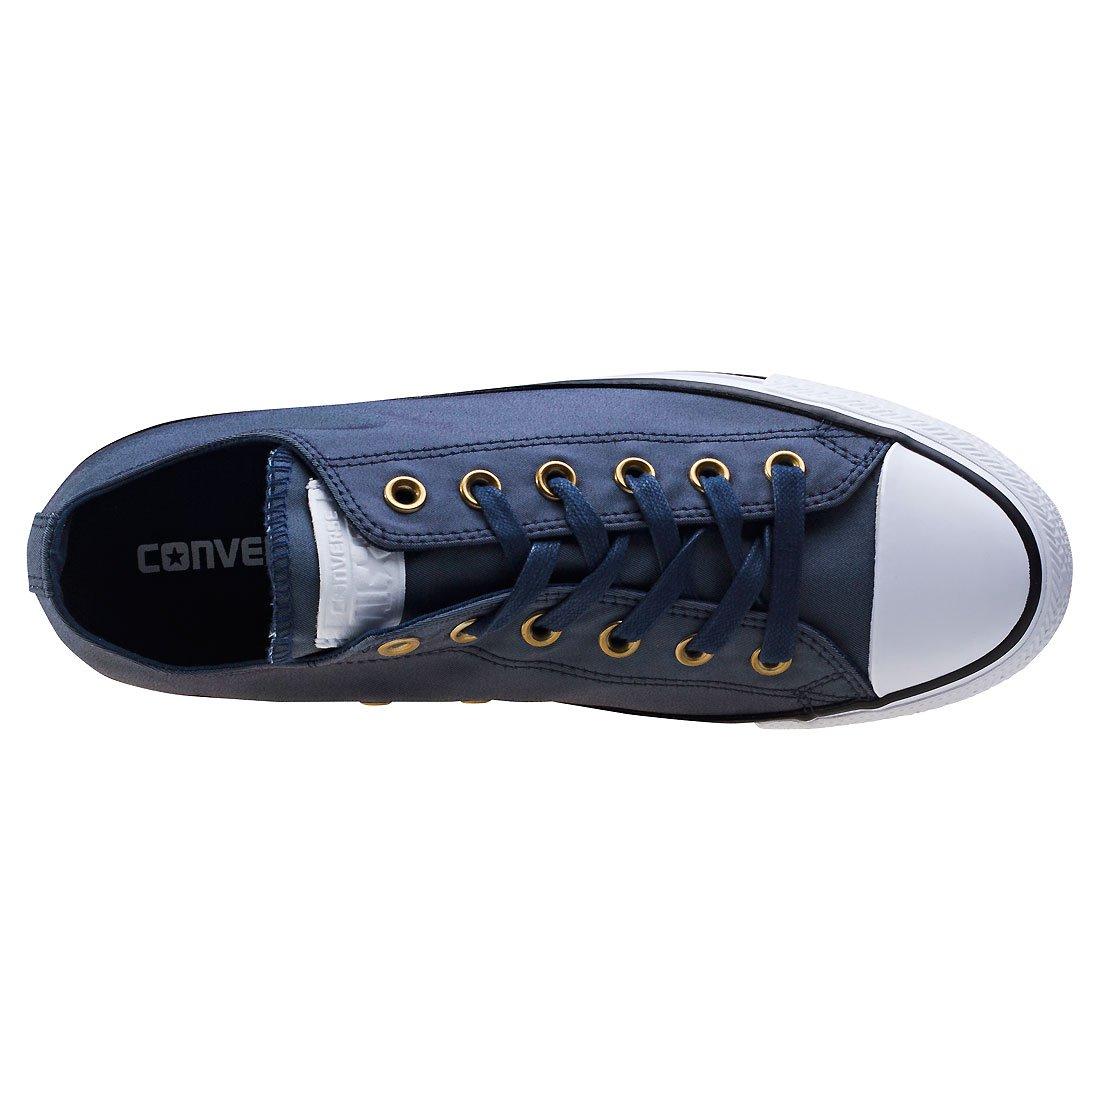 Converse Taylor Damen Schuh Chuck Taylor Converse OX Schlangenhautmuster Silber/weiß Indigo a1882f